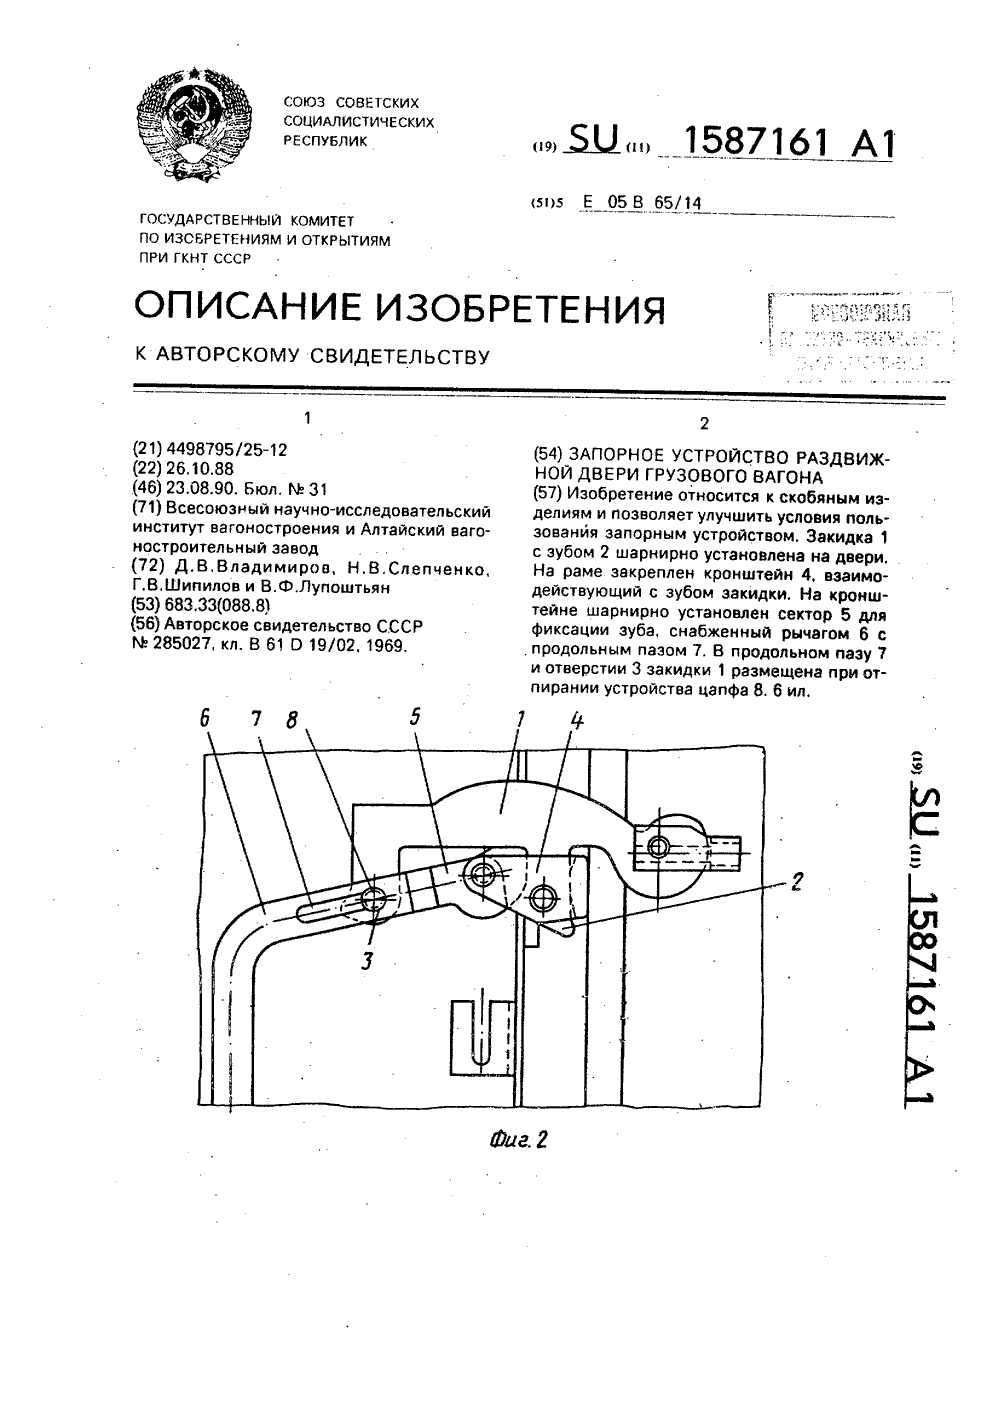 Запорное устройство раздвижной двери грузового вагона.